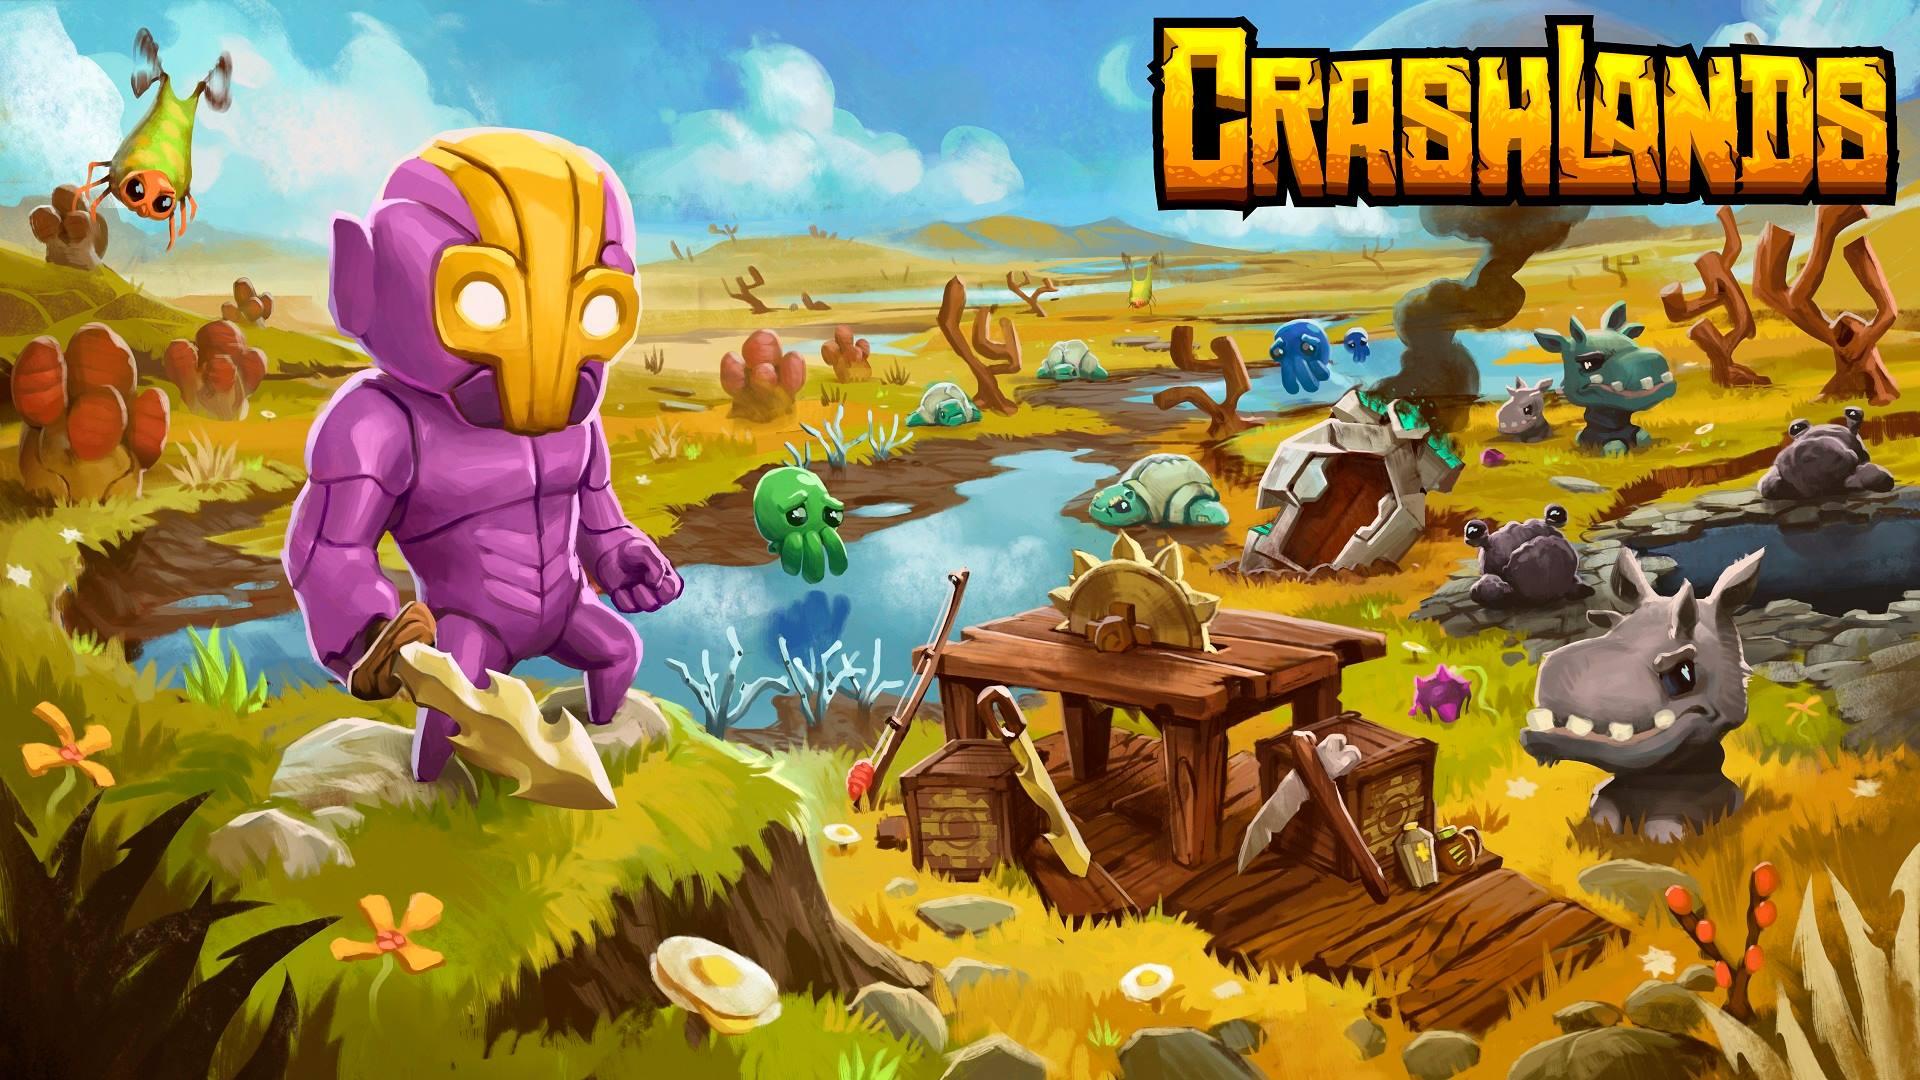 Crashlands, a game by Butterscotch Shenanigans